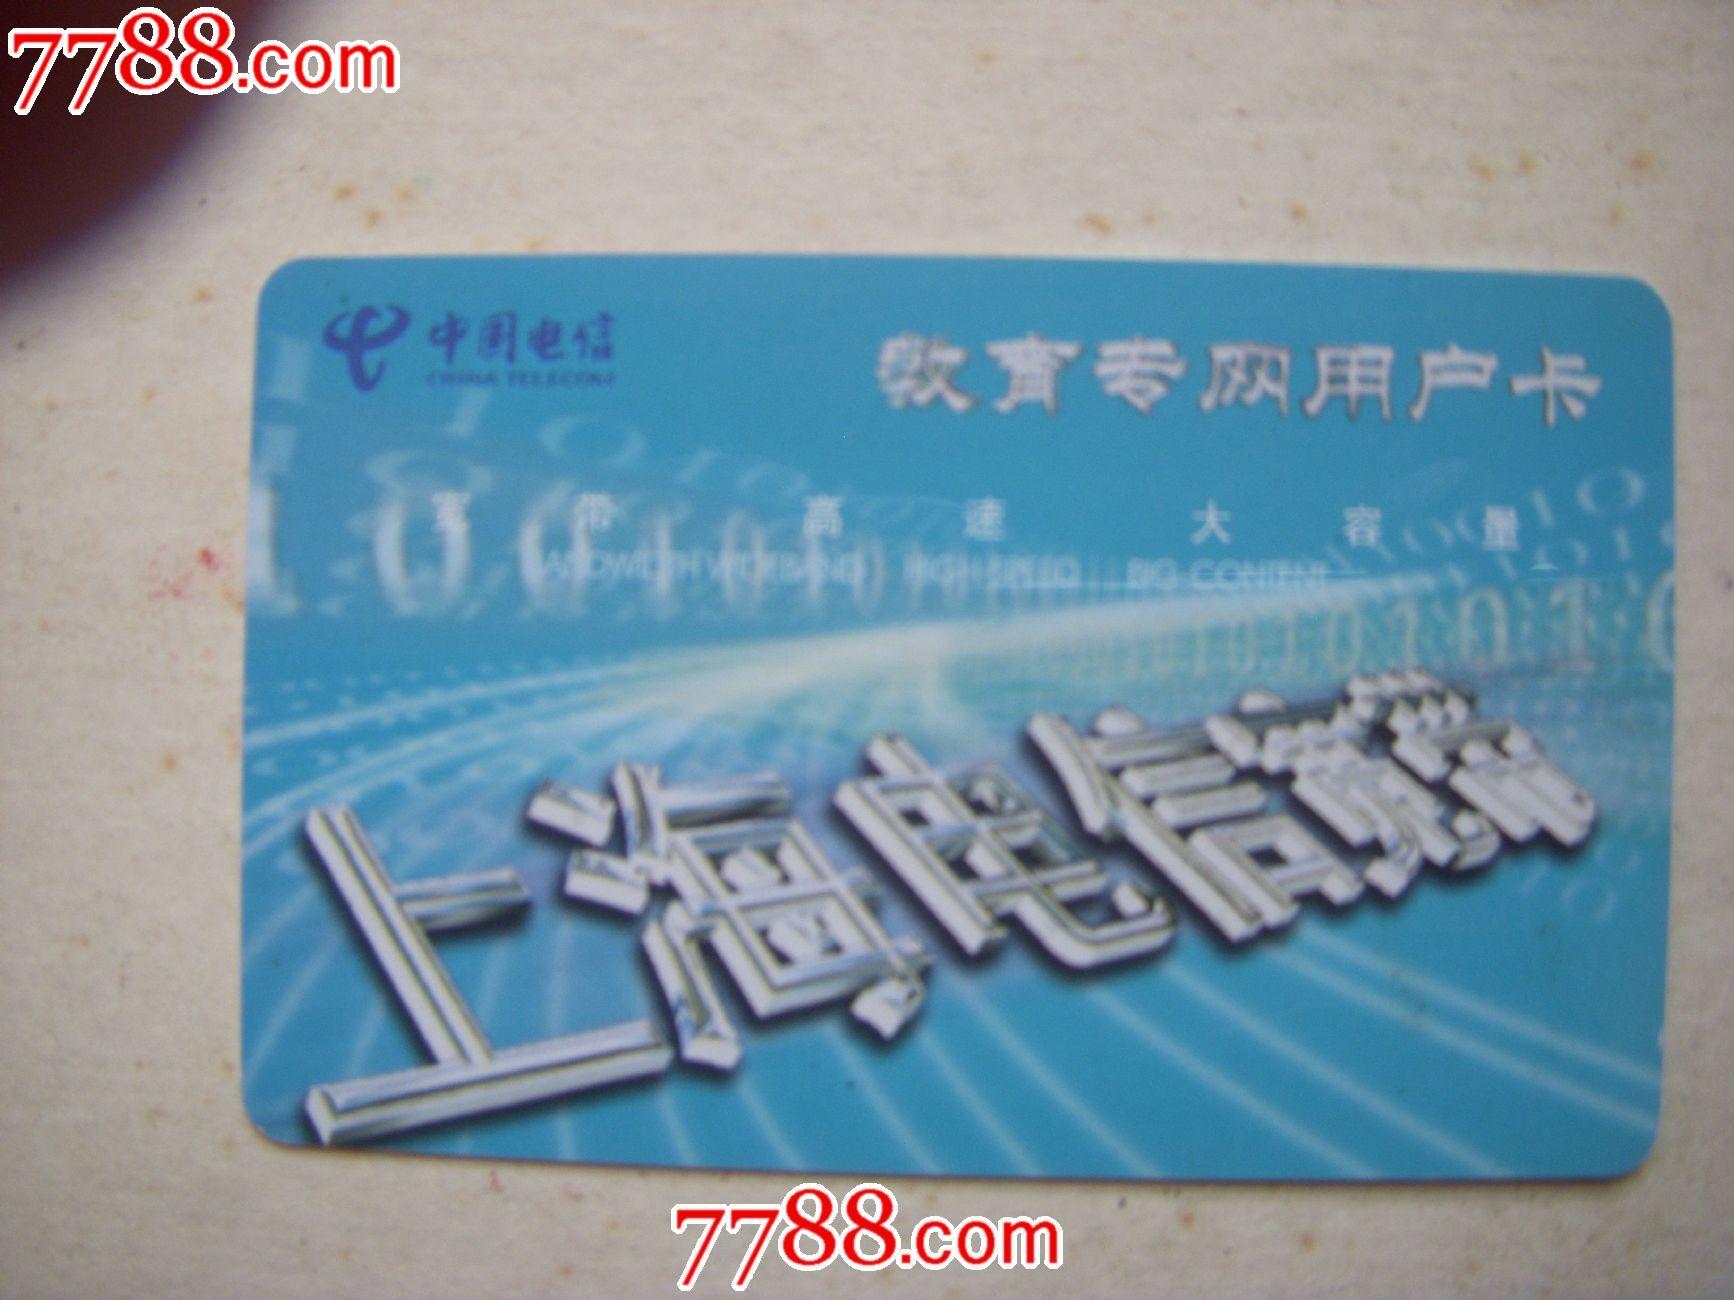 中国电信上海热线*代用户卡